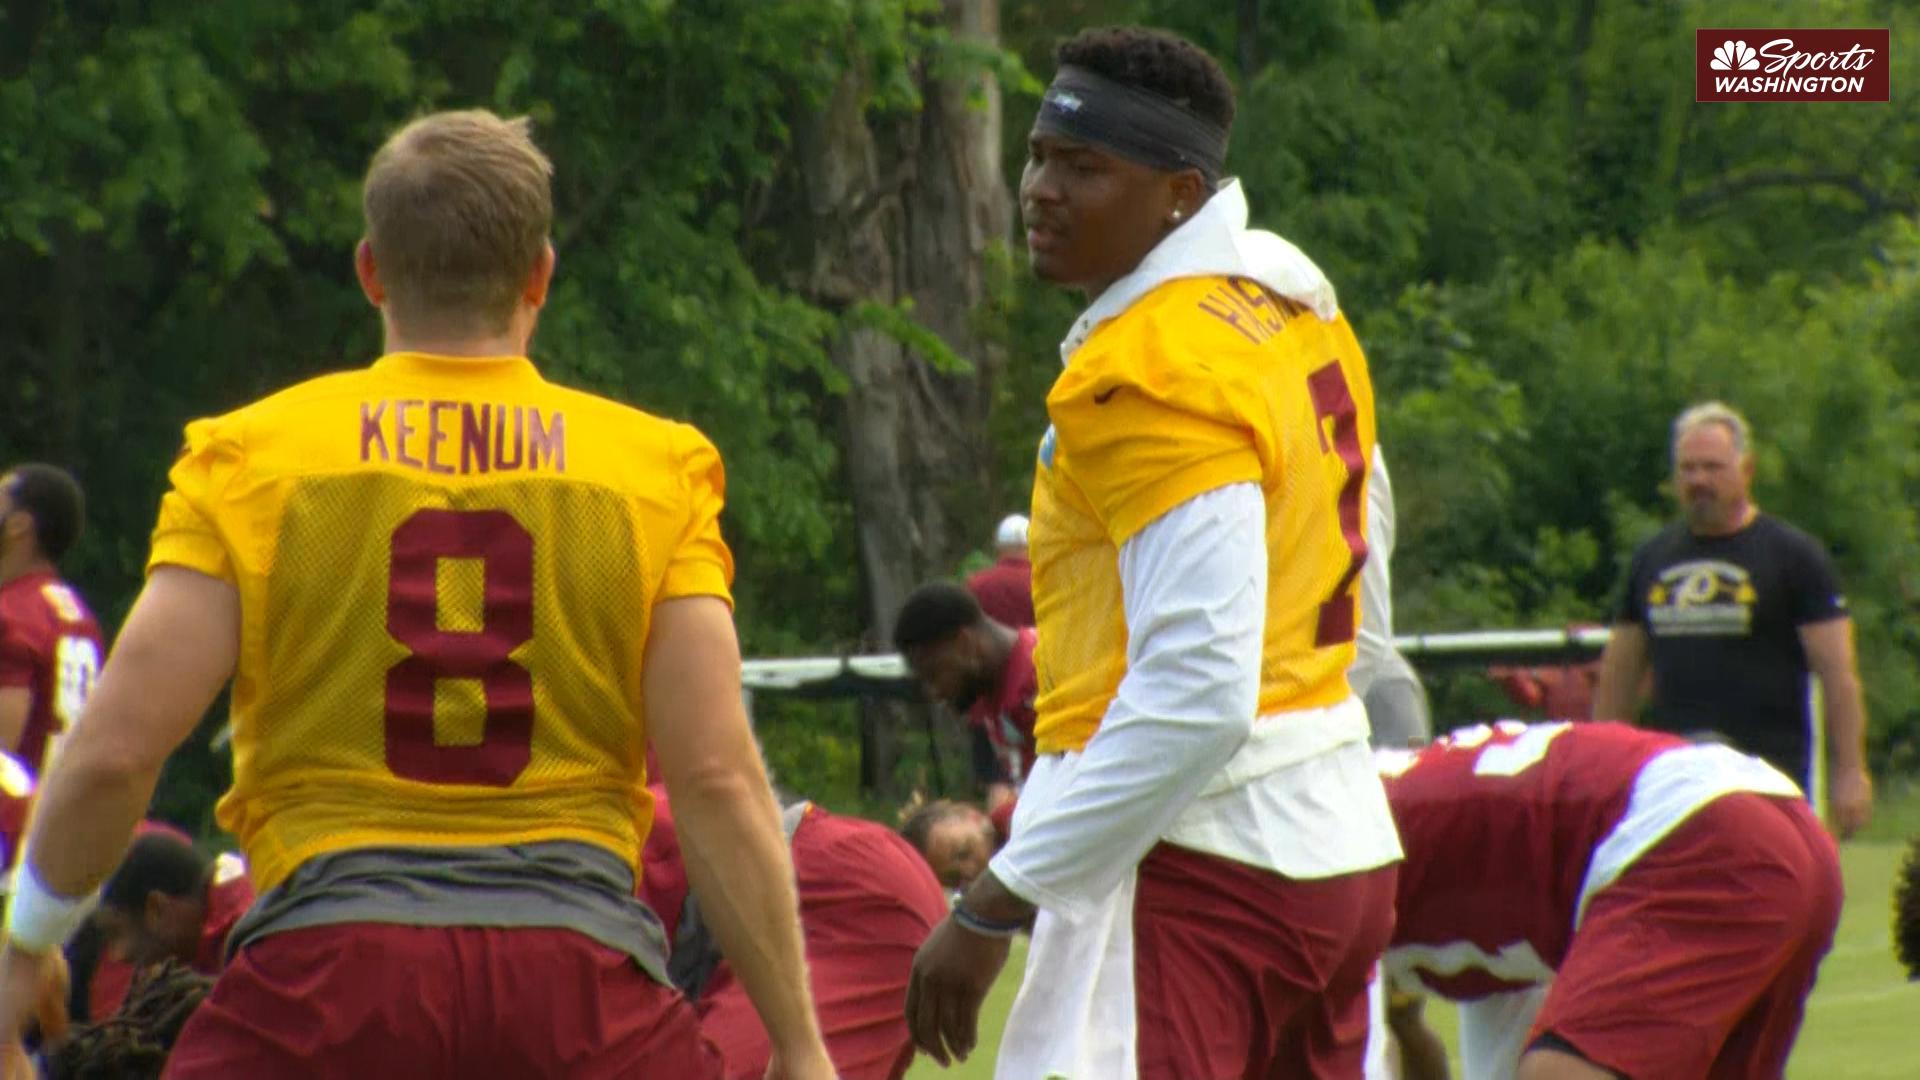 Dwayne Haskins, Case Keenum talk early Redskins quarterback battle